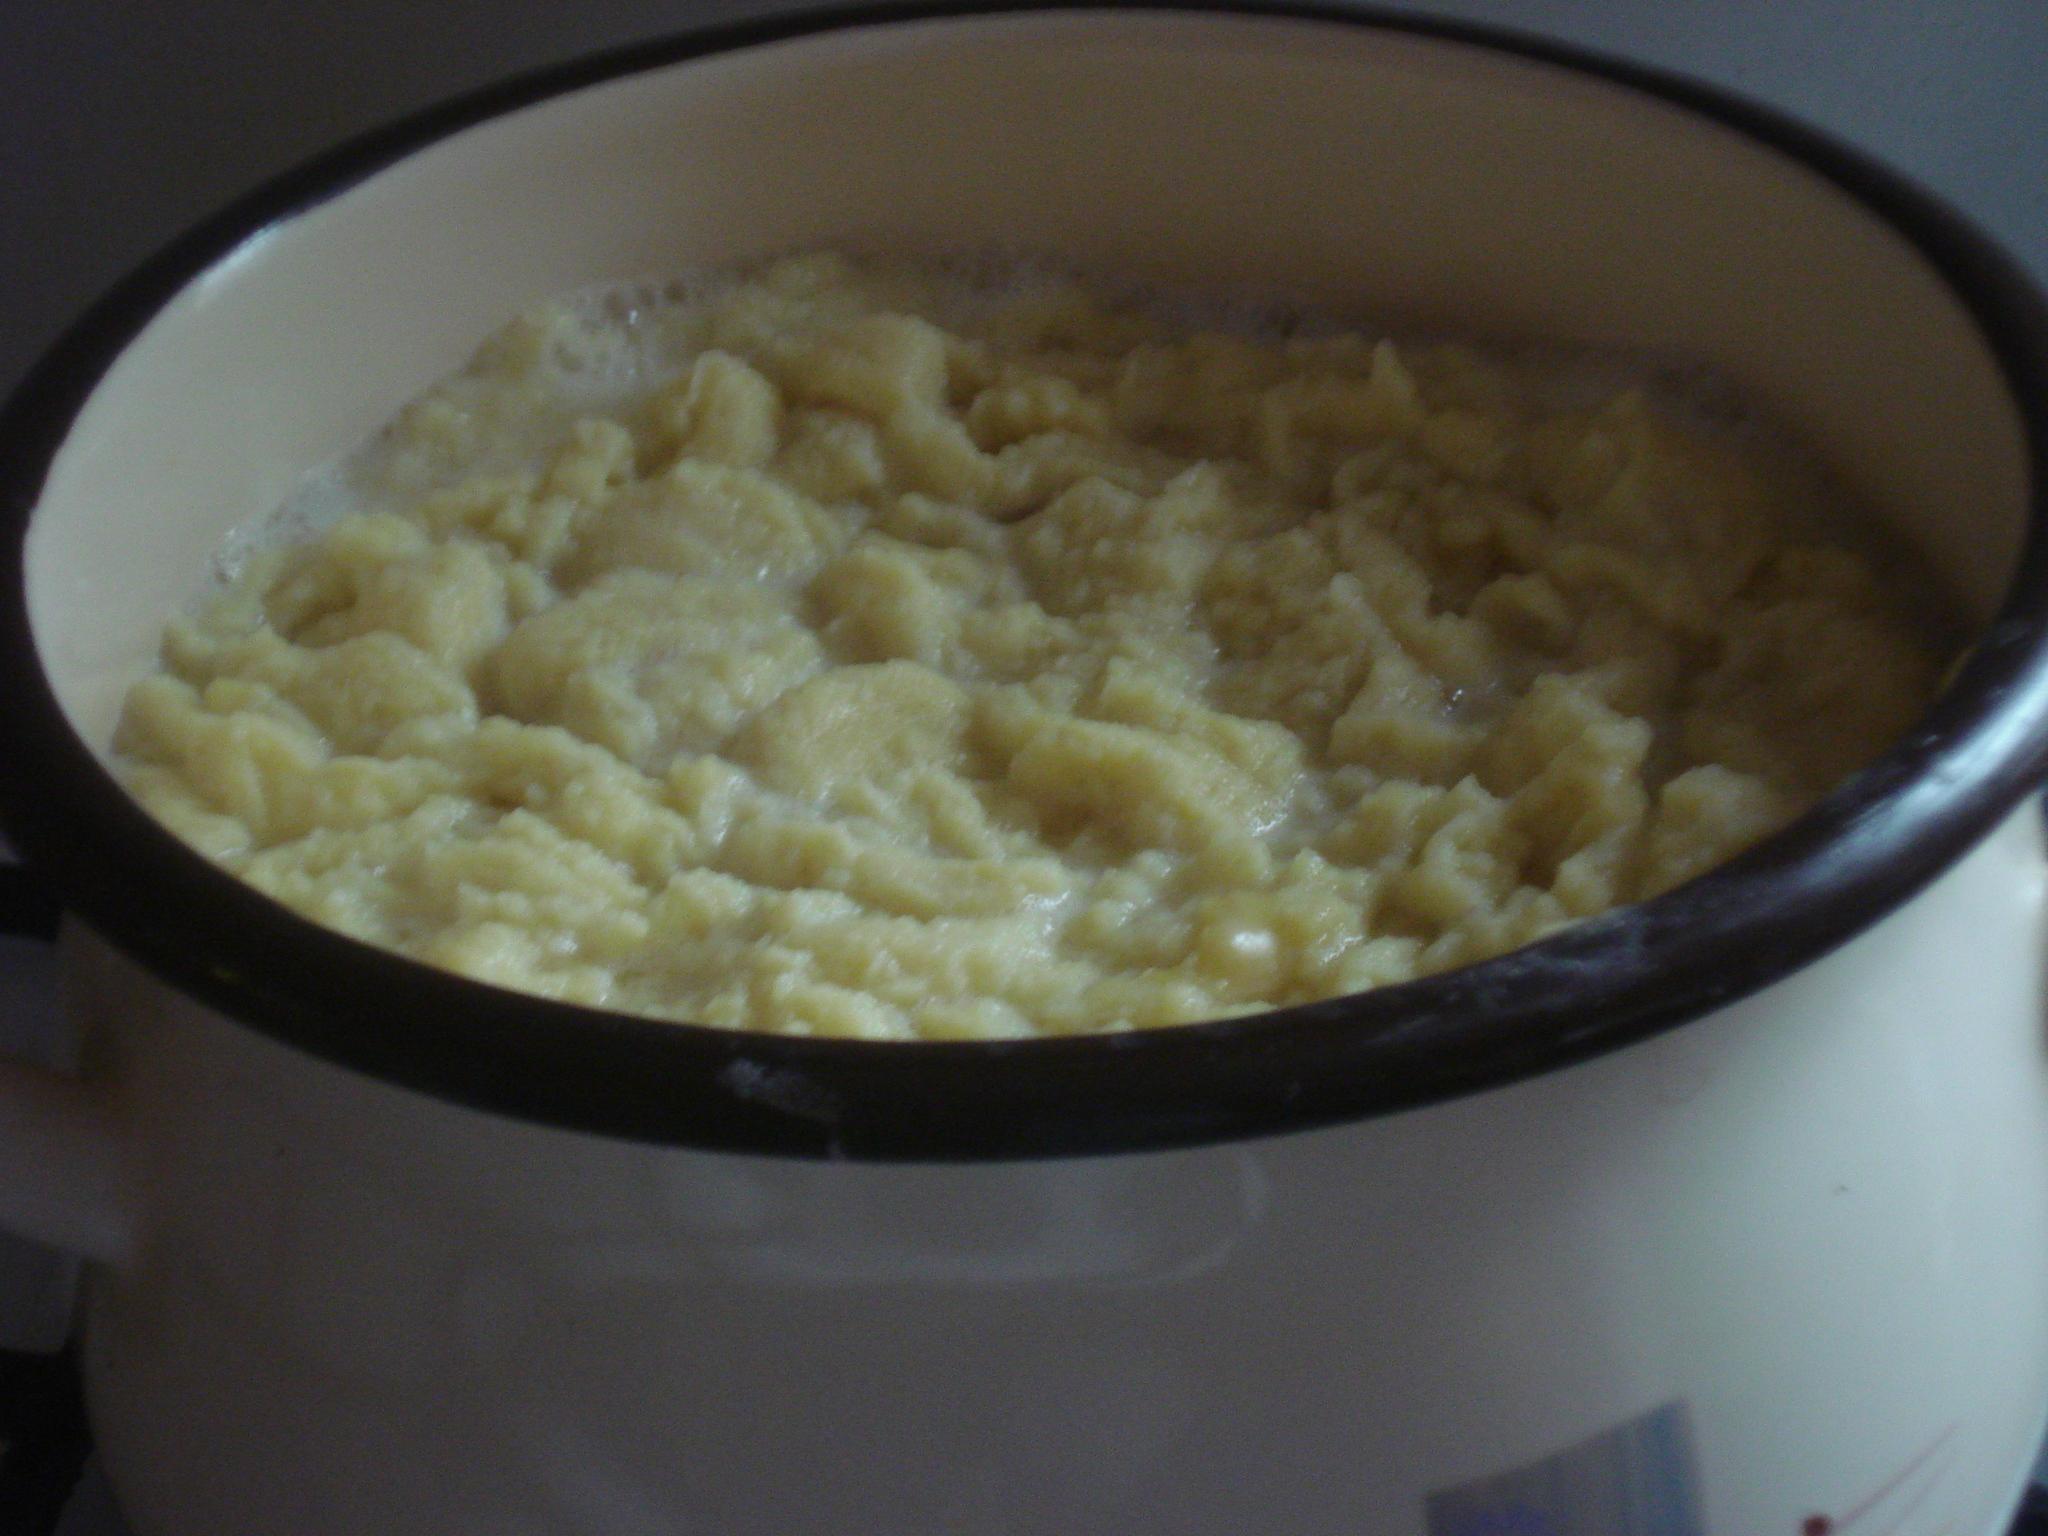 Artwork from the book - How to prepare milk soup with noodles… Jak przygotować zupę mleczną z kluskami… by Maria Pirecka - Illustrated by Photos from archive  SP Fanianowo  - Ourboox.com